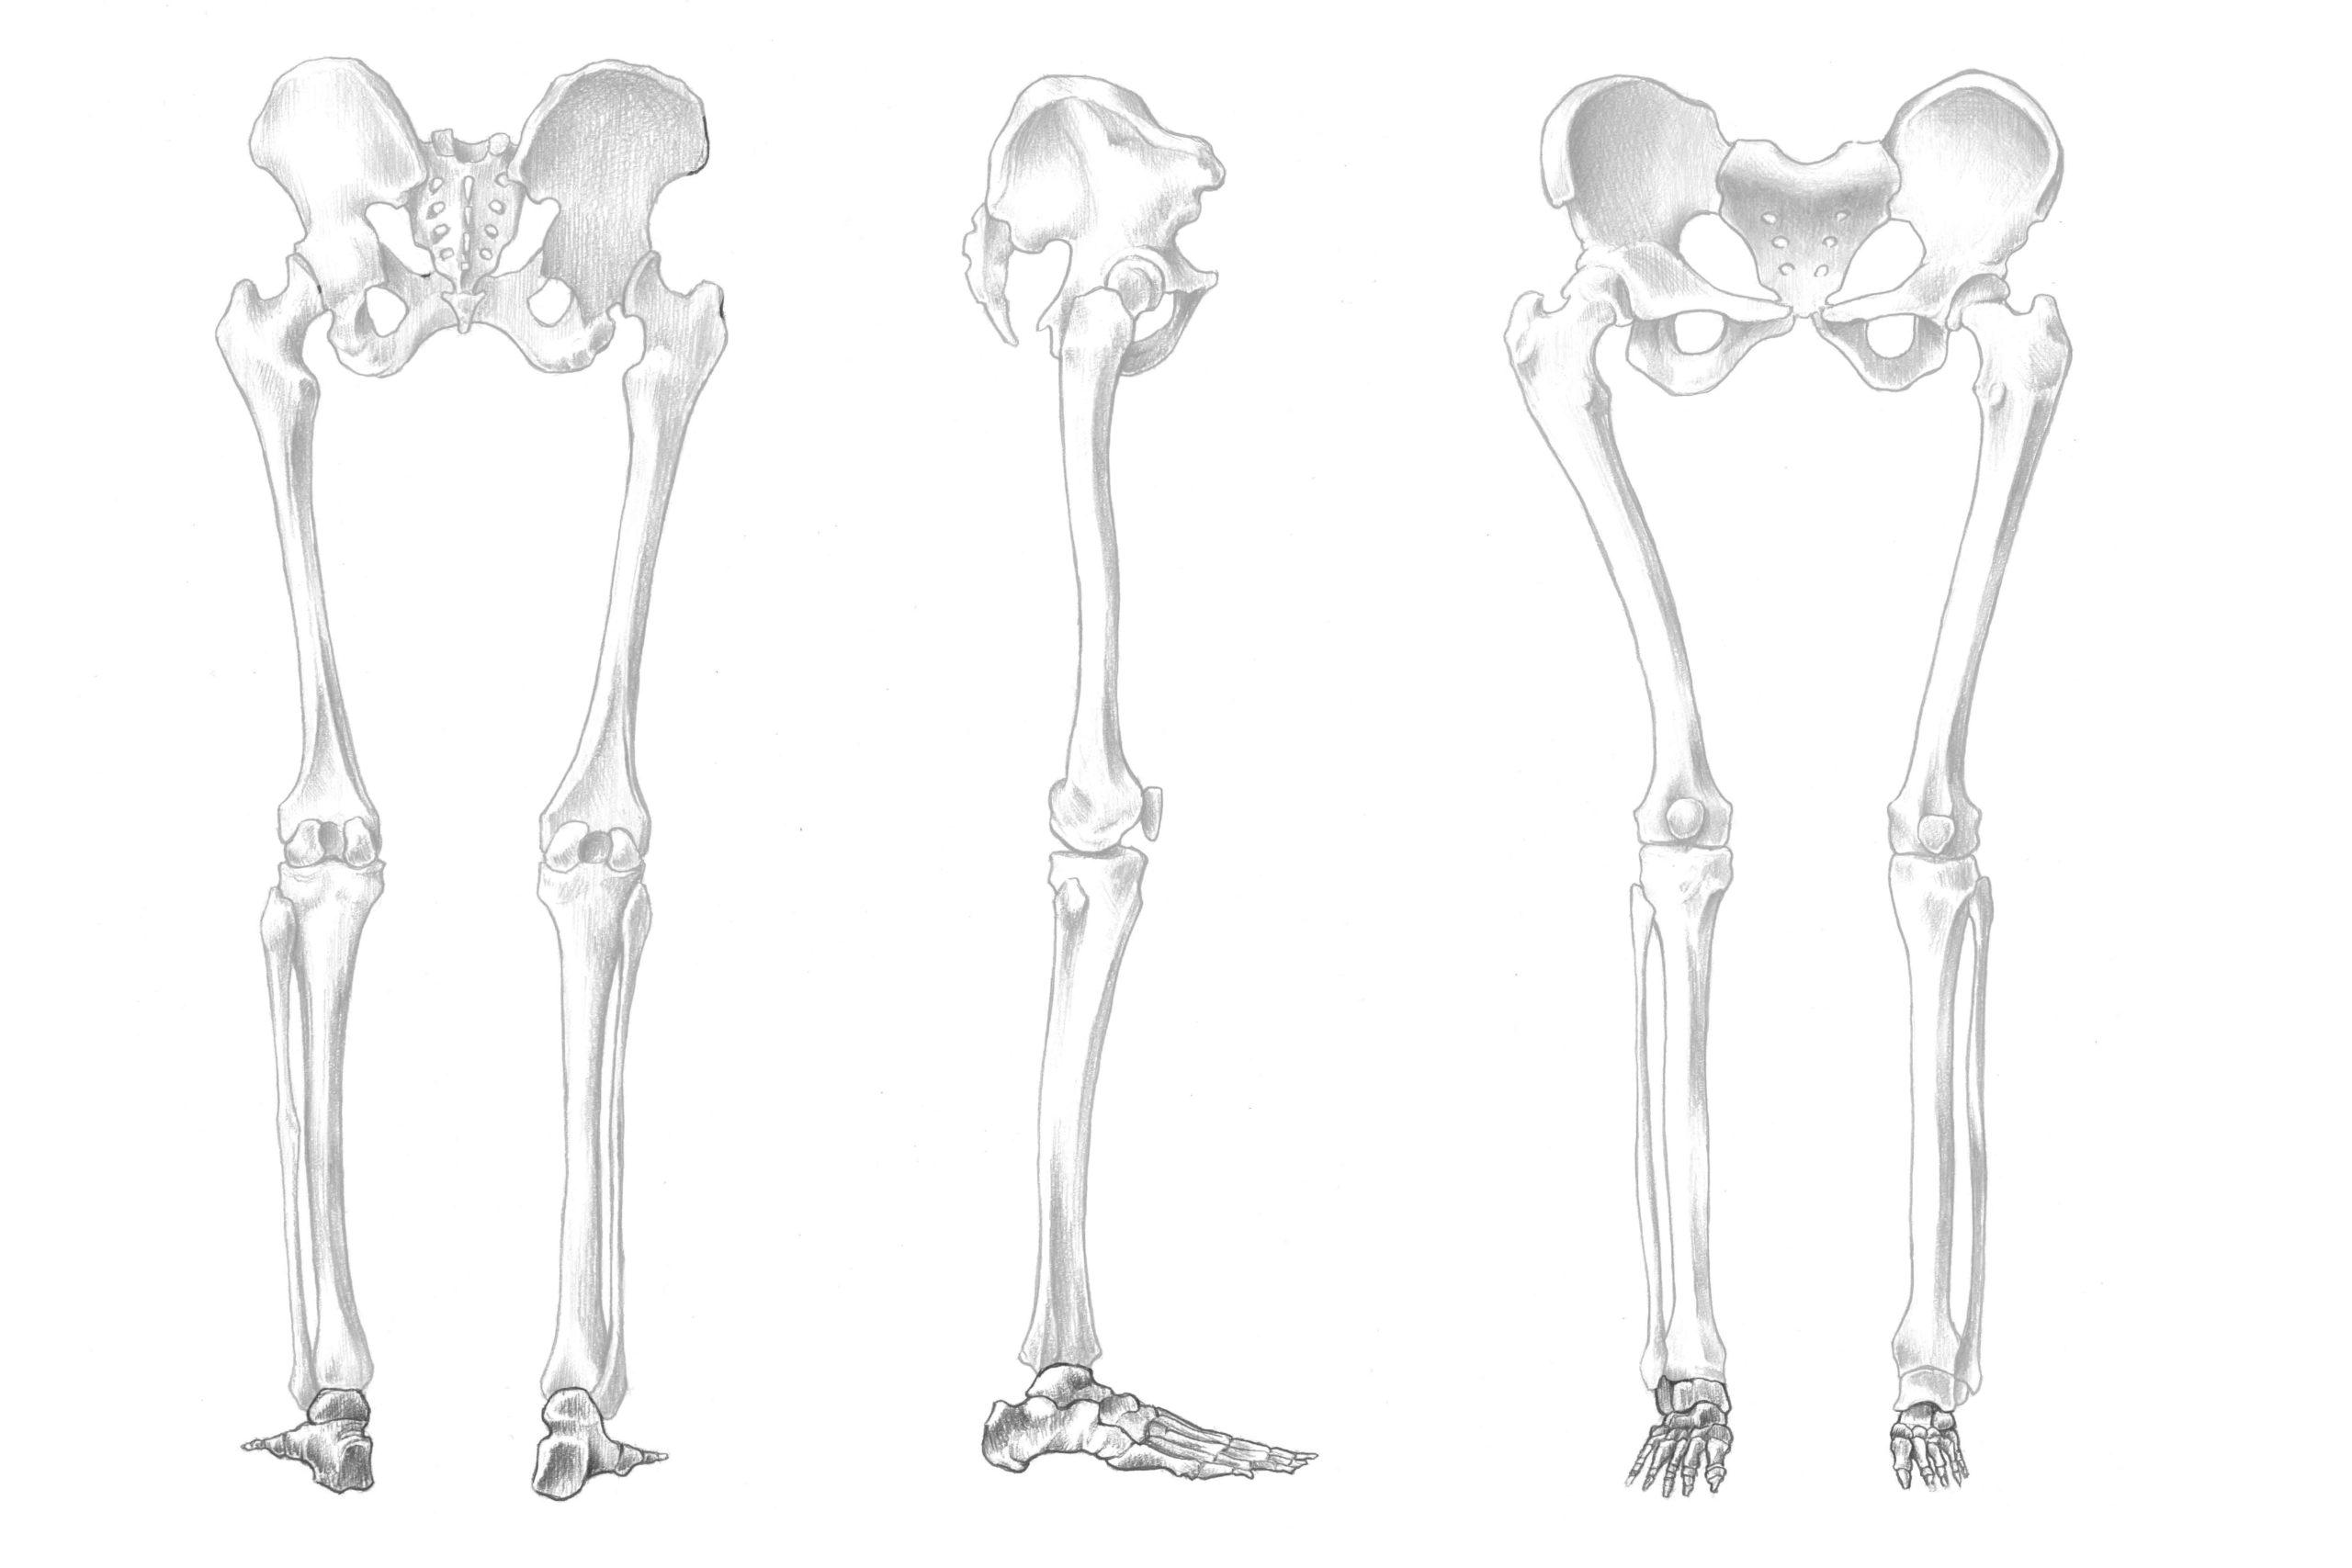 足の骨の位置